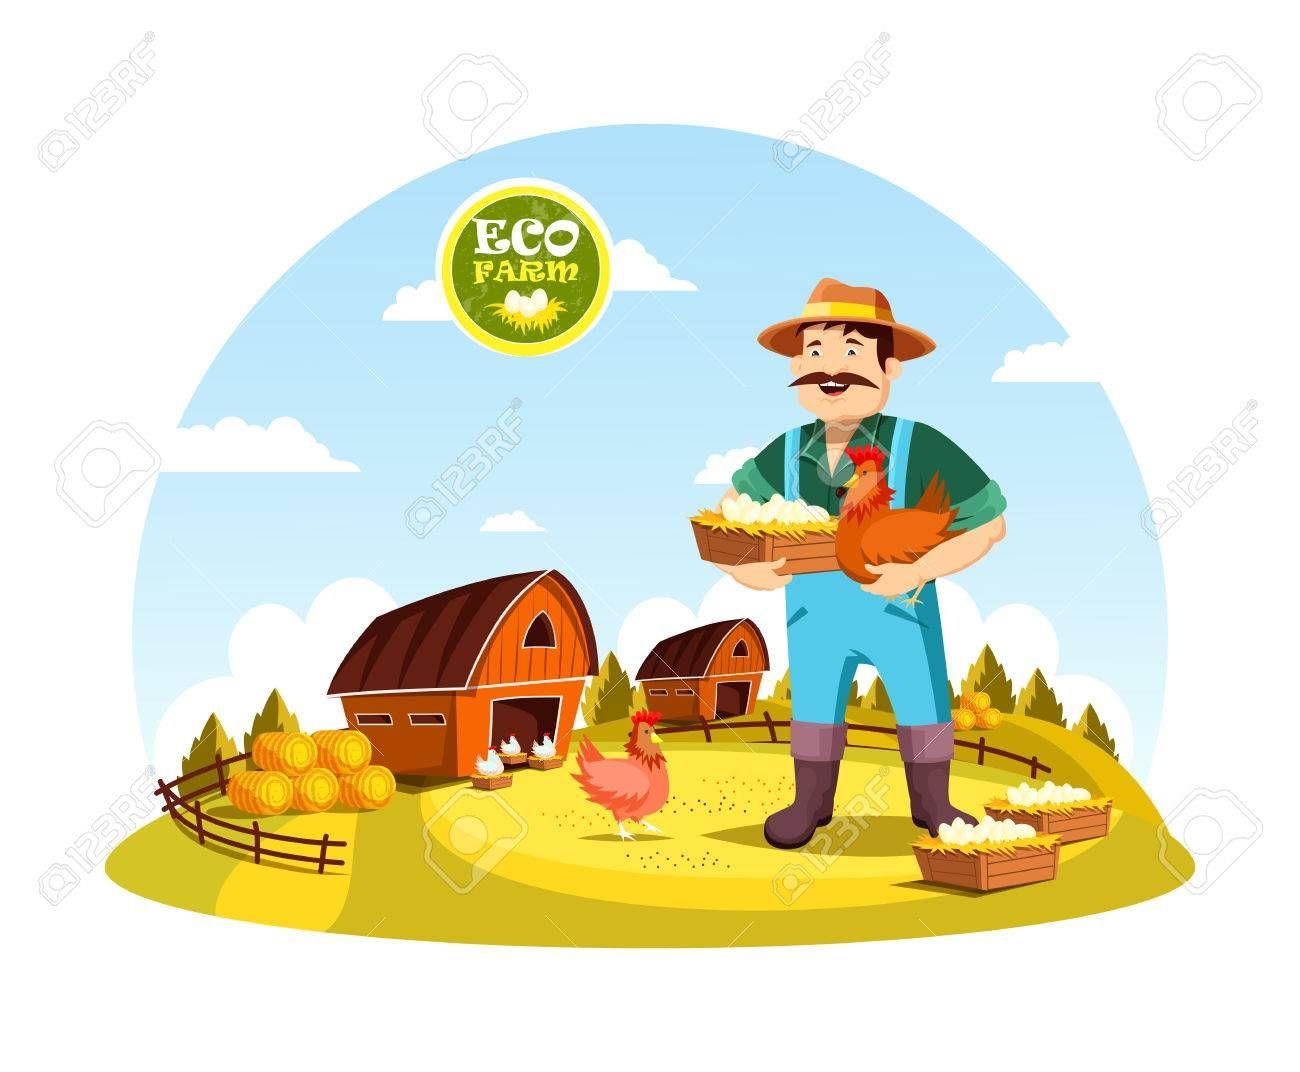 Eco Granja Con Agricultor De La Celebracion De Huevos Y Gallina Cerca De Campo Con Graneros Y Heno Hombre De Dibujos Animados O Persona Con Alimentos Organicos Gallinas Agricultor Dibujos